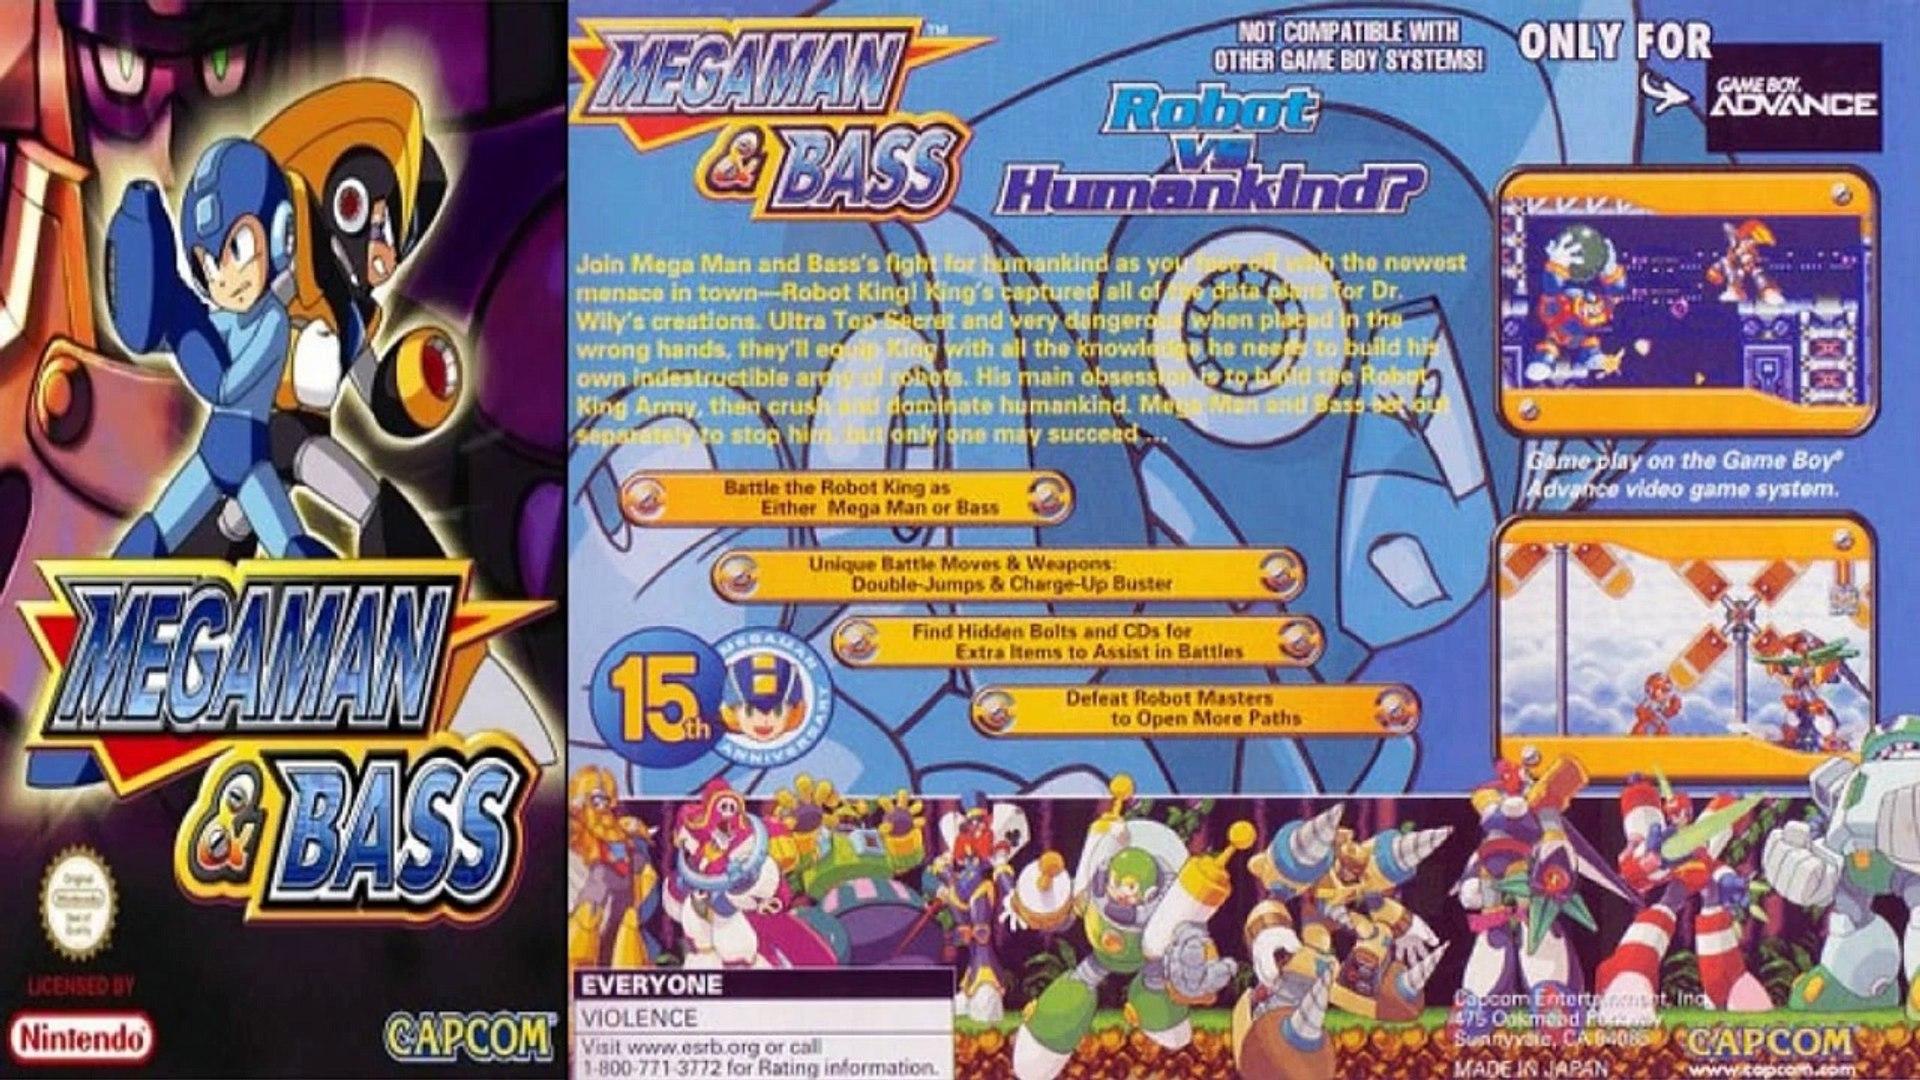 Let's Listen: Mega Man & Bass (SNES) - Boss Battle Theme (Extended)